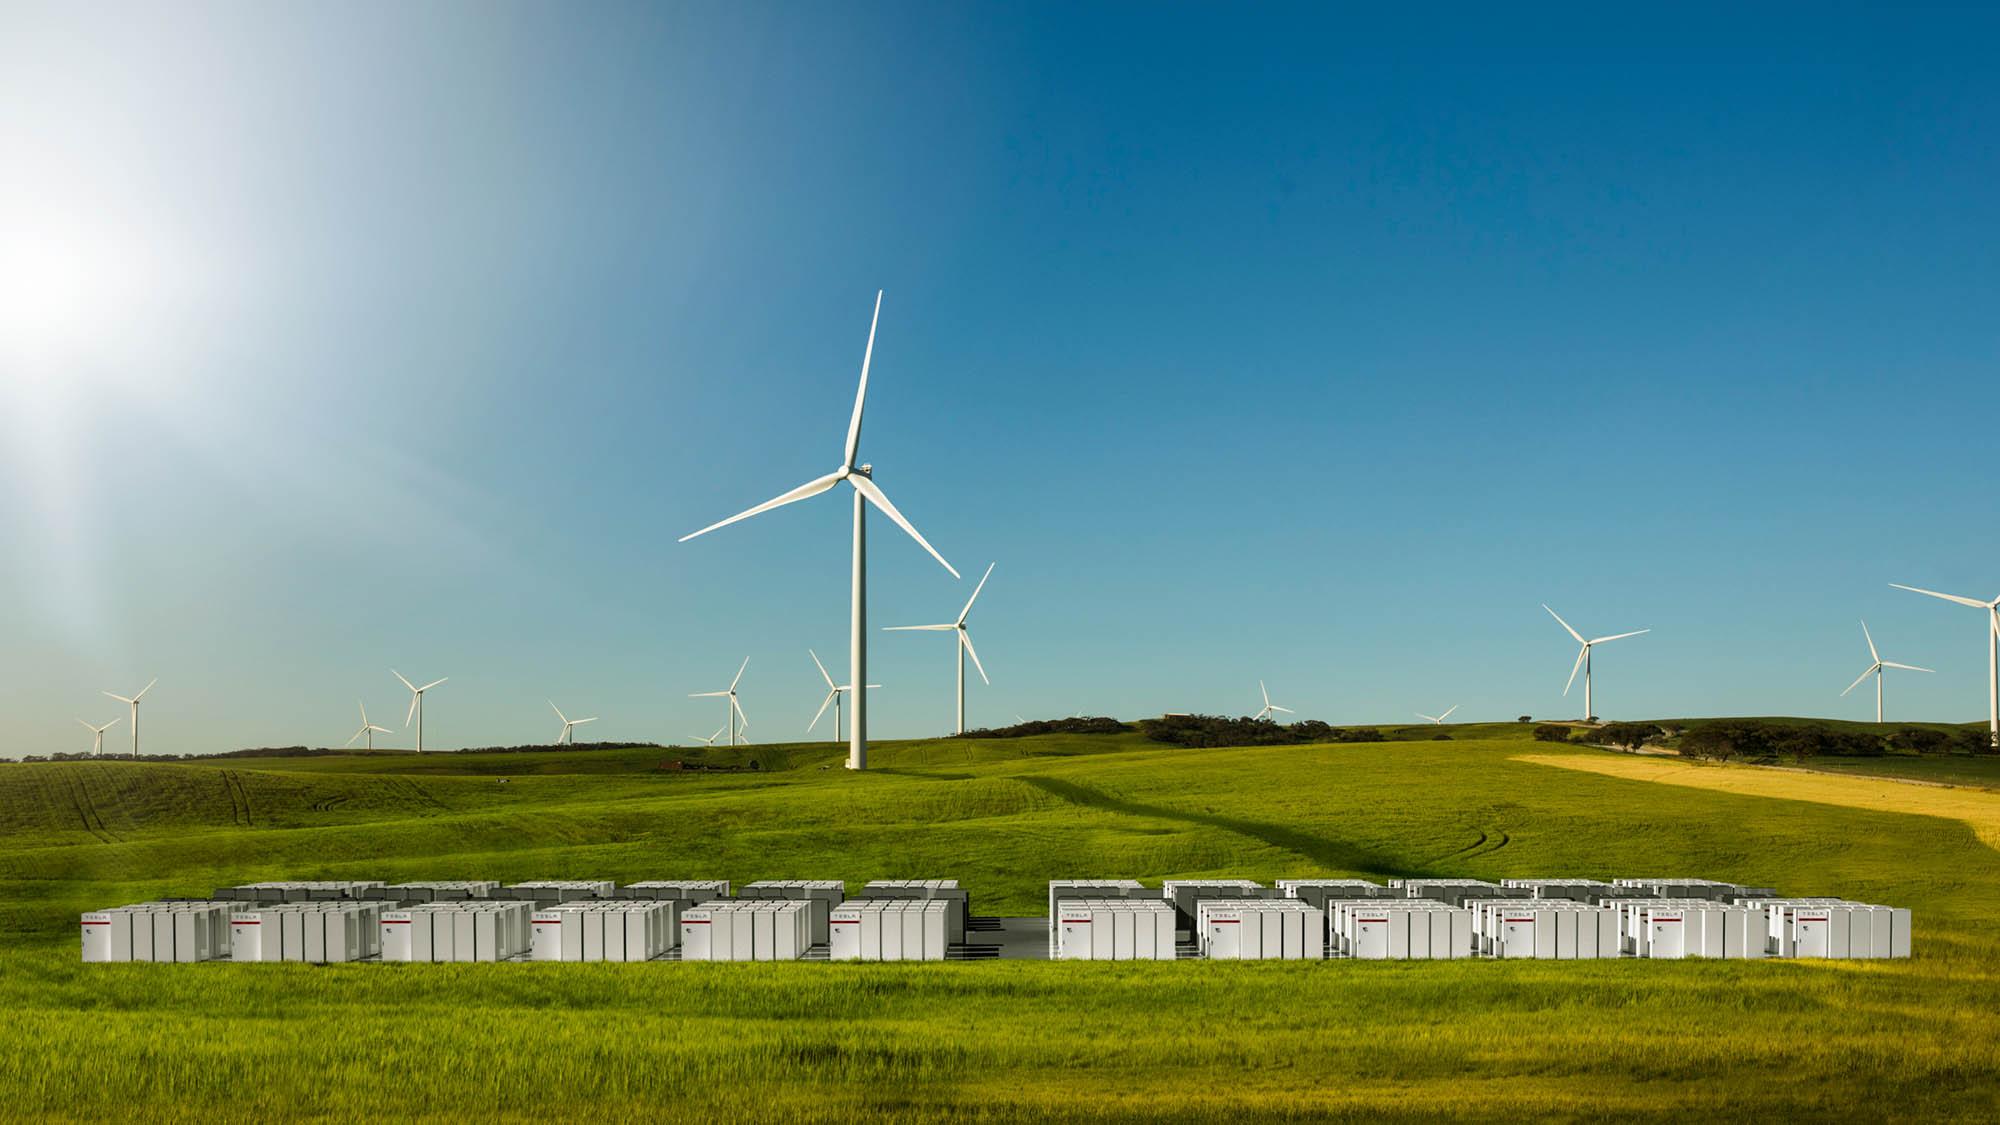 【オーストラリア】テスラ、巨大蓄電施設Megapackで30億円のコスト削減を実現。今後も拡大 1